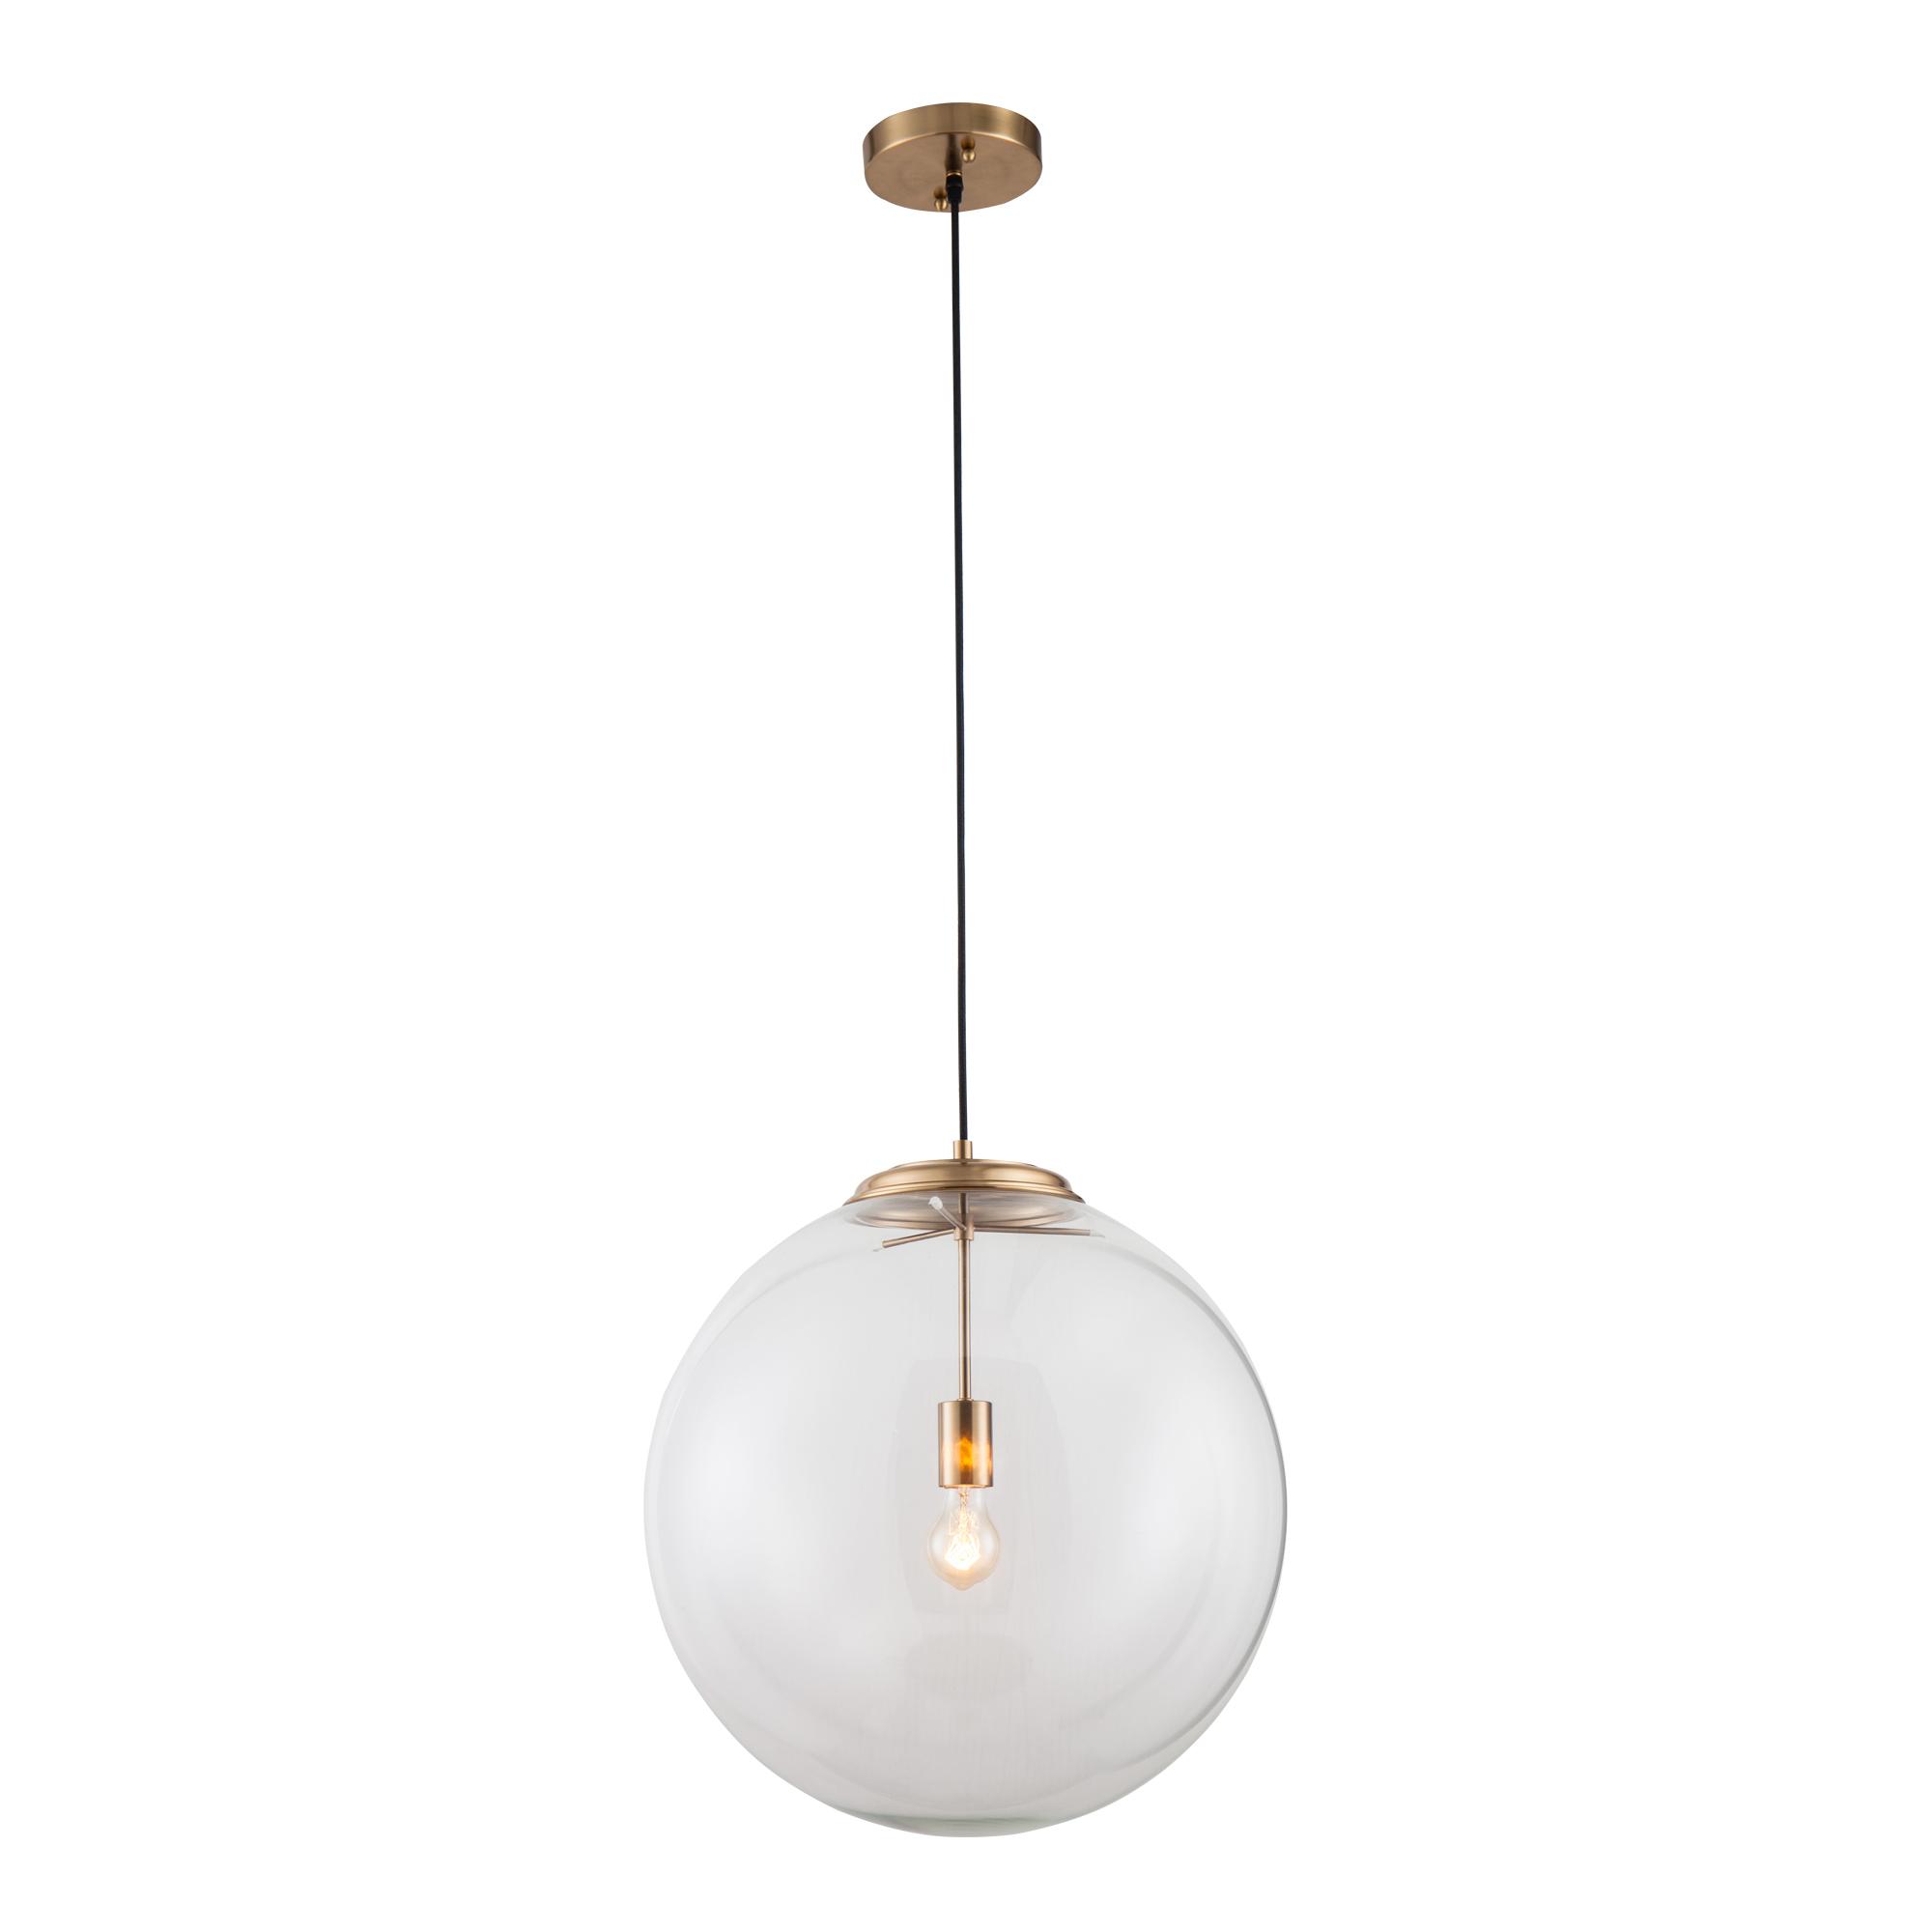 Brass glass ball pendant light